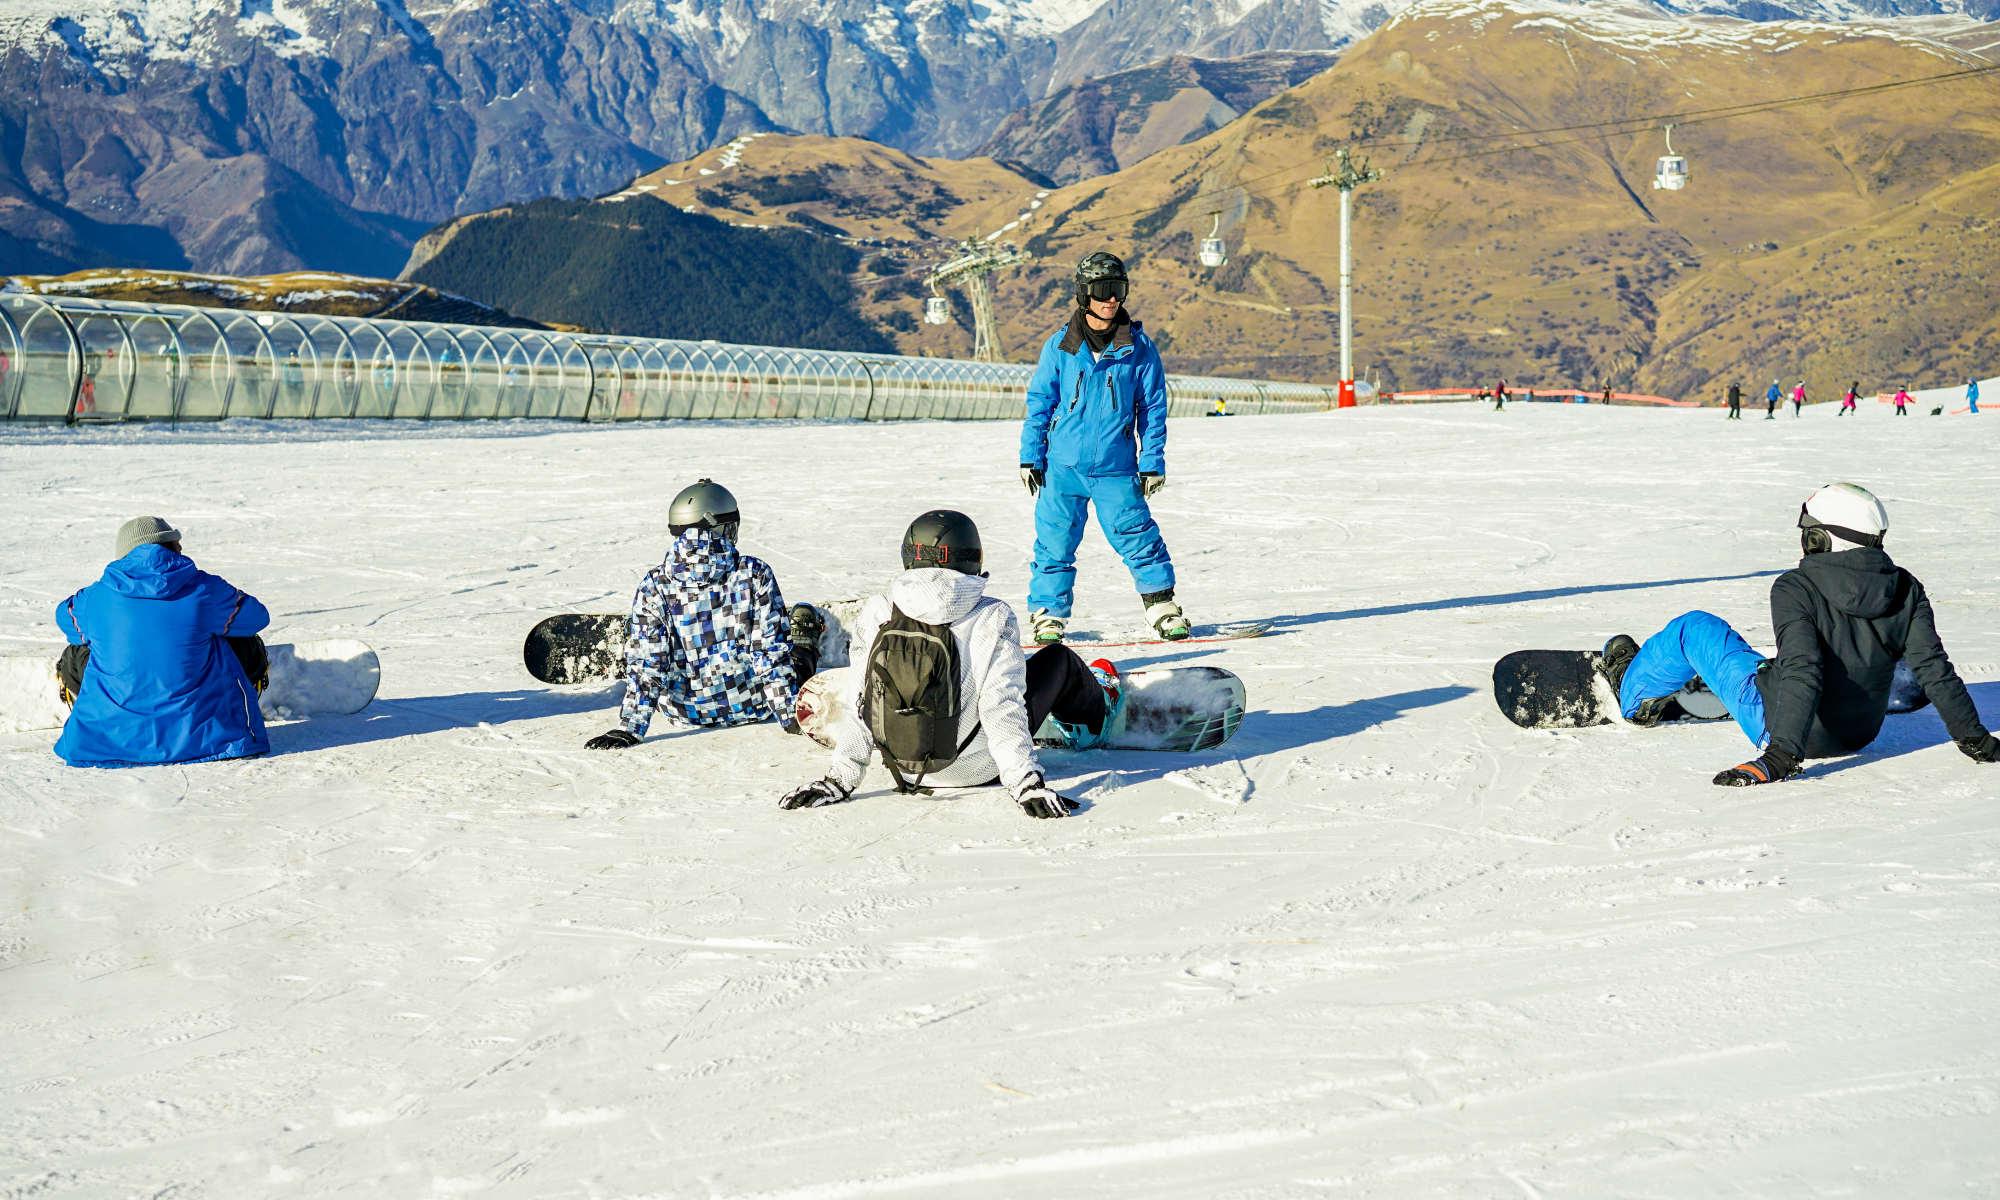 Un istruttore di snowboard spiega le basi a un gruppo di principianti seduti sulla neve con lo snowboard agganciato ai piedi.